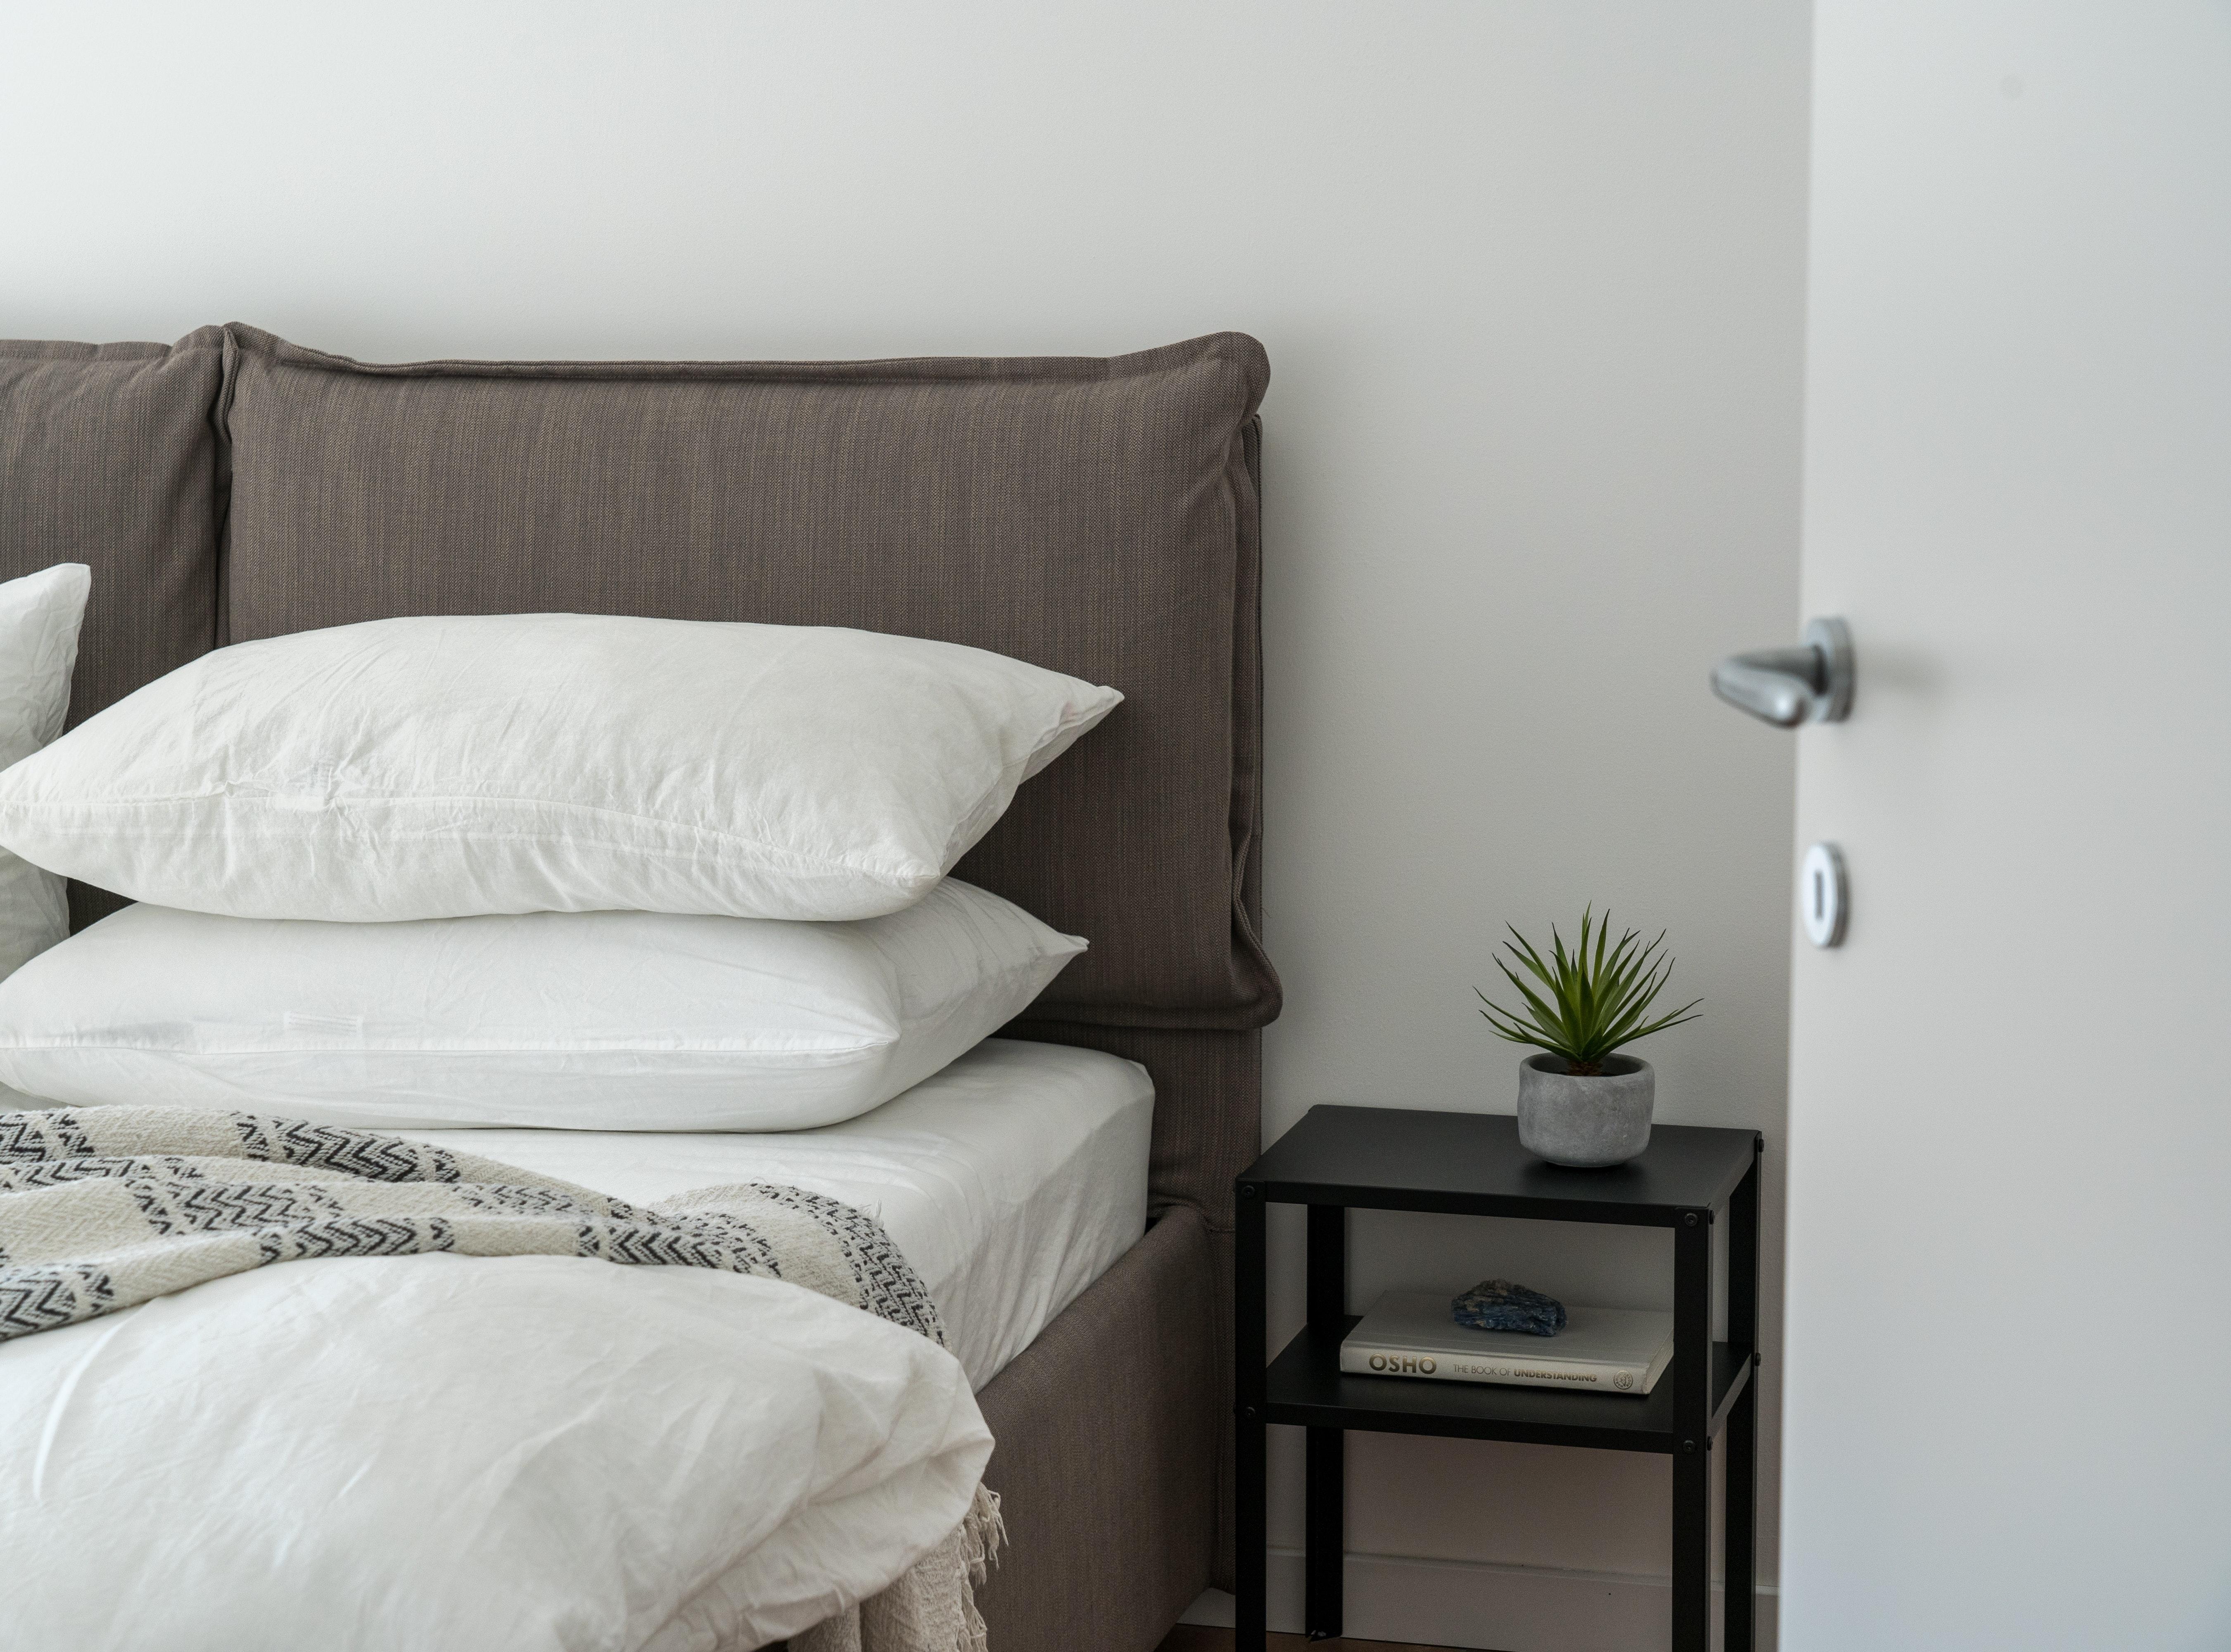 pexels castorly stock 3682238 - En god topmadras giver en god nattesøvn